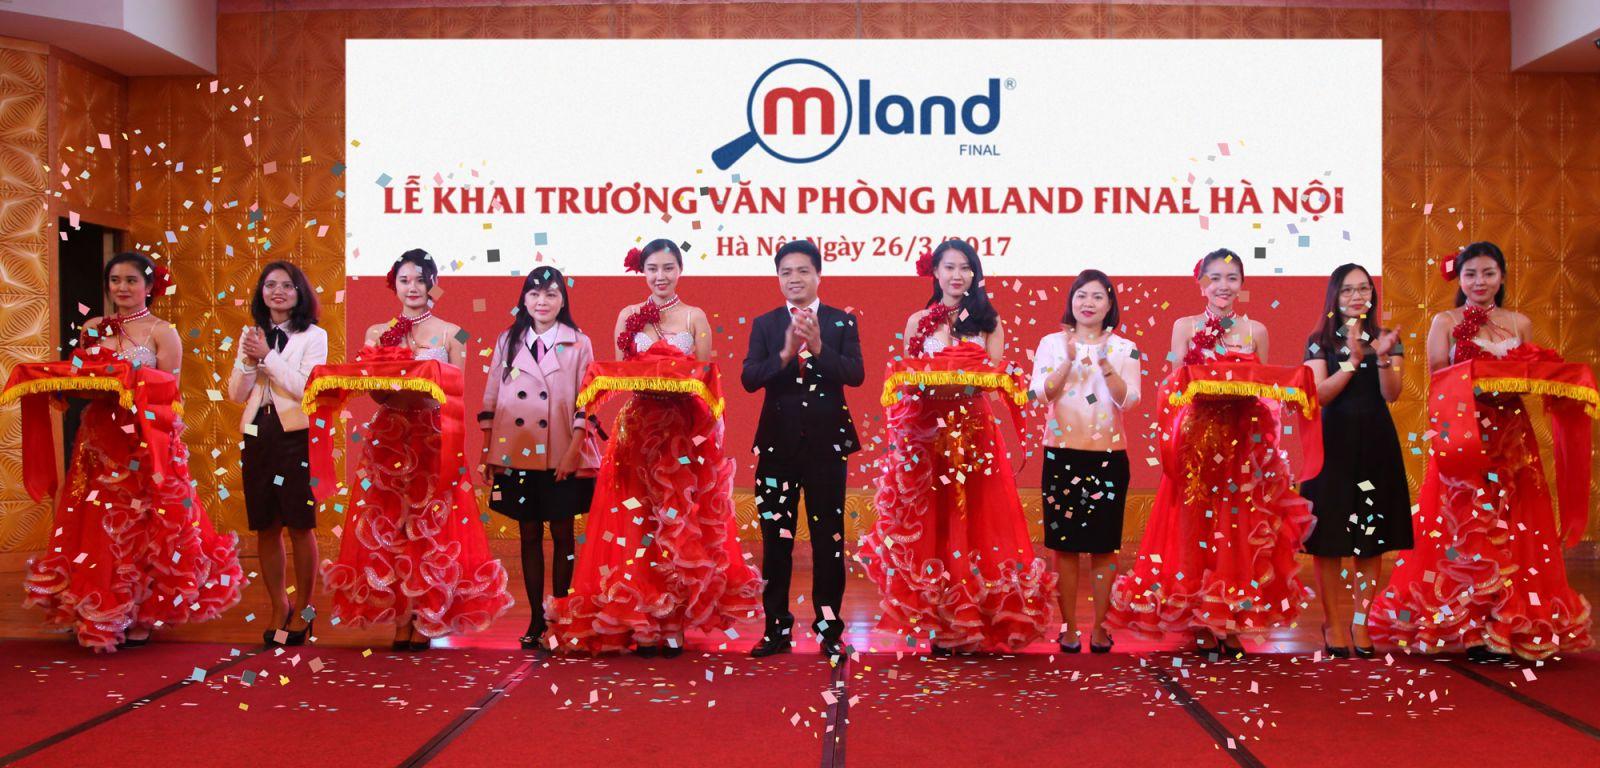 MLAND VIETNAM tiếp tục khai trương chi nhánh mới MLAND Final tại Hà Nội